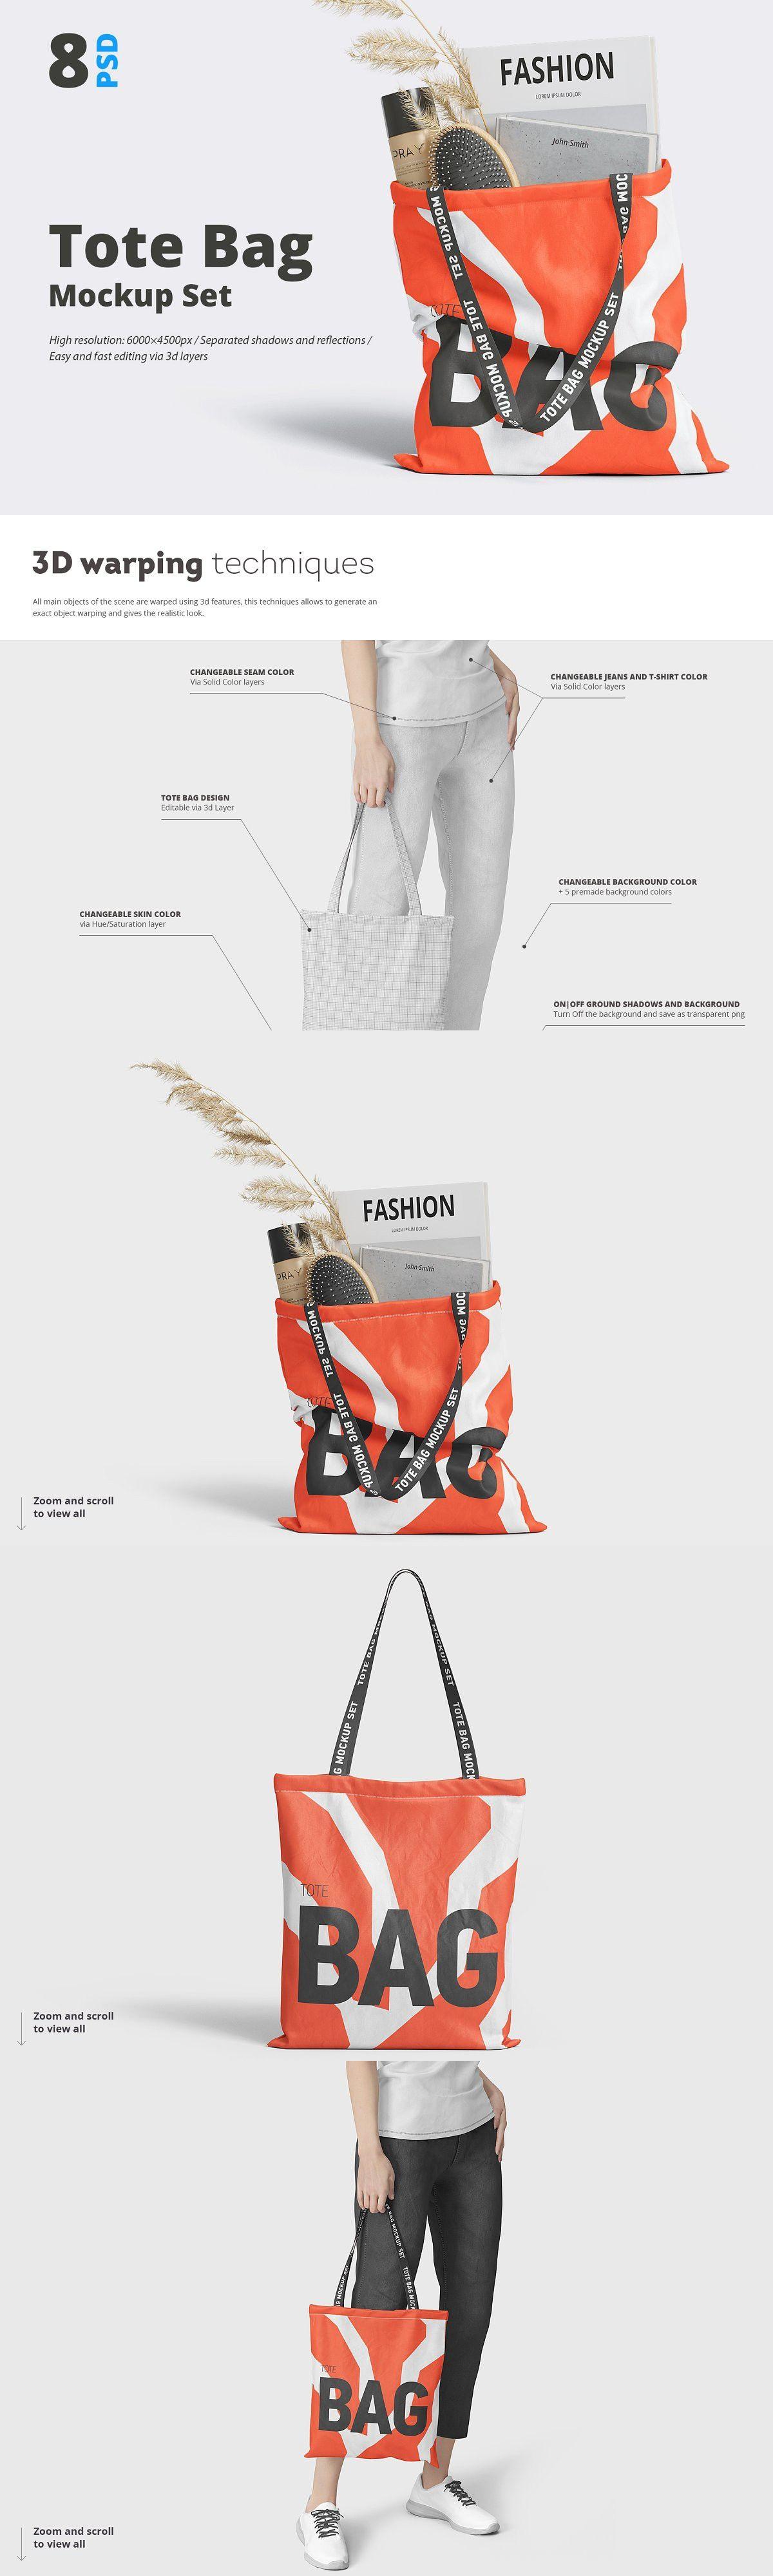 Download Tote Bag Mockup Bag Mockup Tote Bag Design Tote Bag